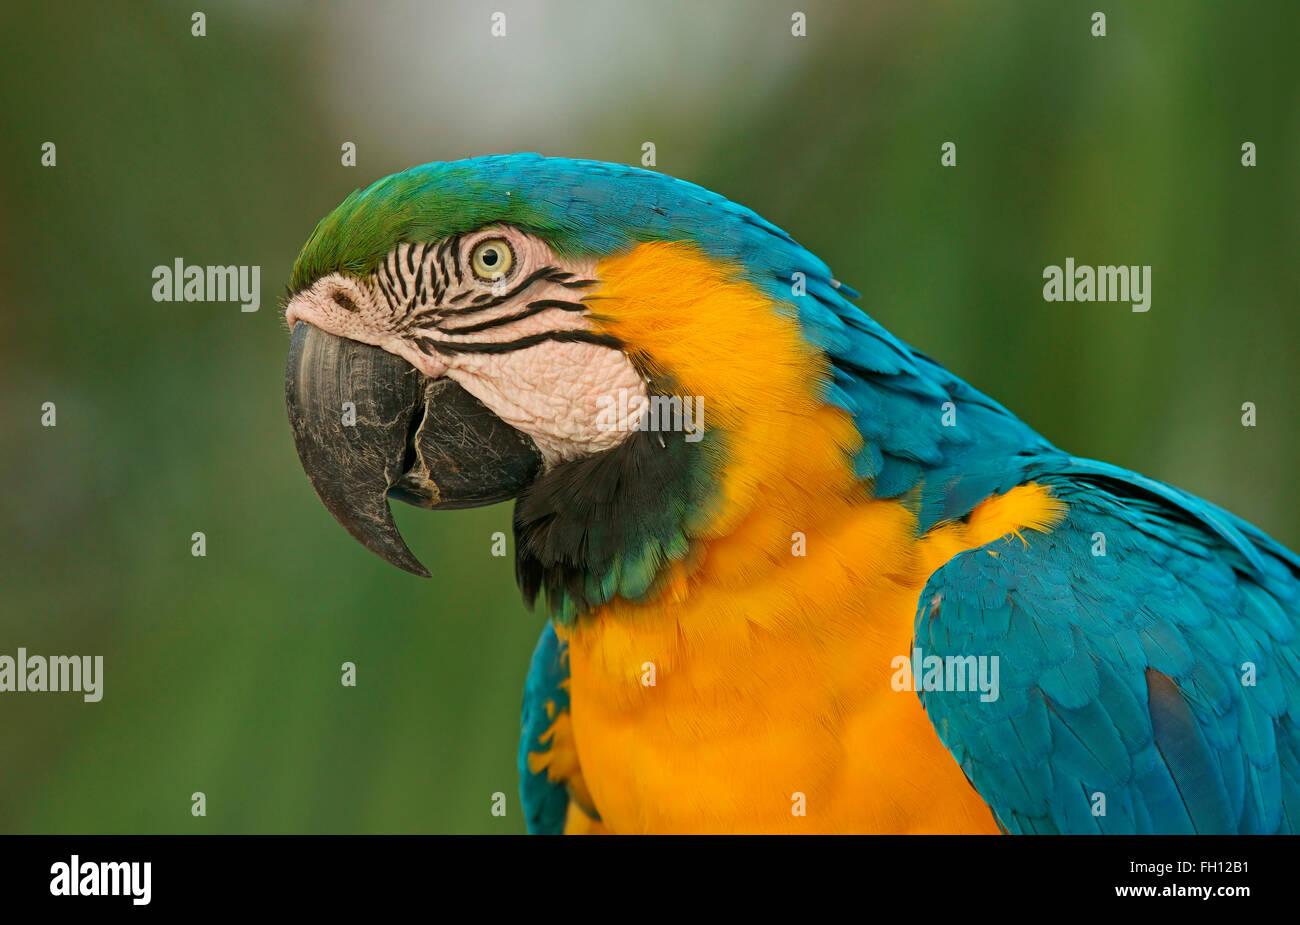 Blue-and-yellow Macaw (Ara ararauna), portrait, Pantanal, Brazil Stock Photo